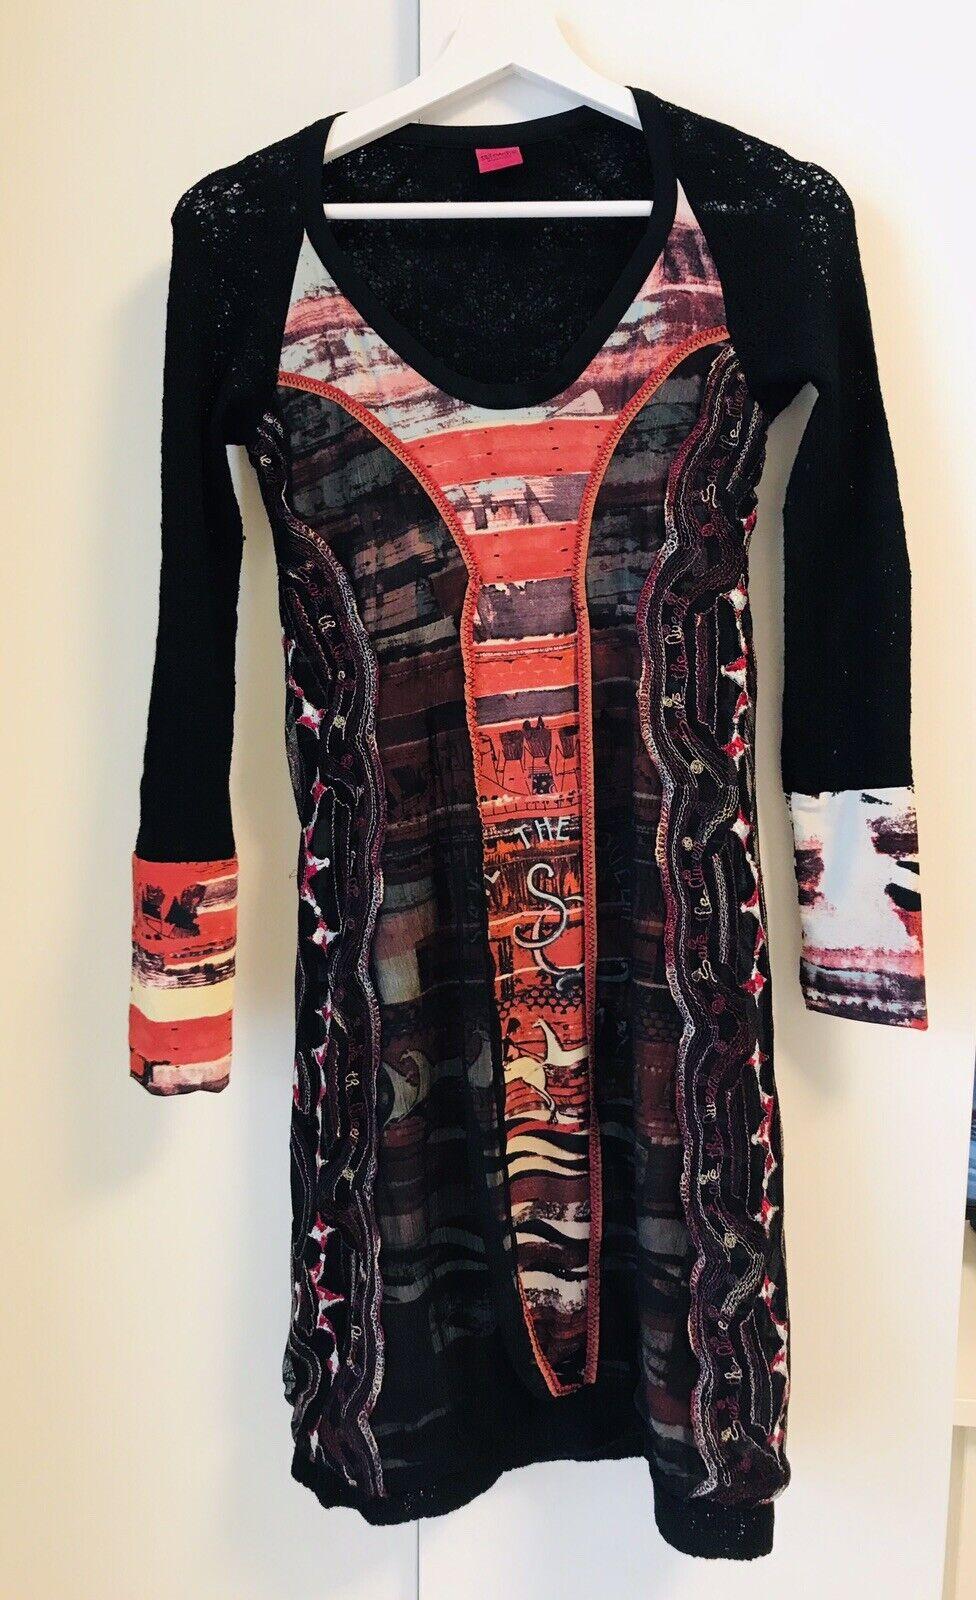 Damen Kleid, SAVE THE QUEEN, , Schwarz Rot, Gr.36, Wie NEU